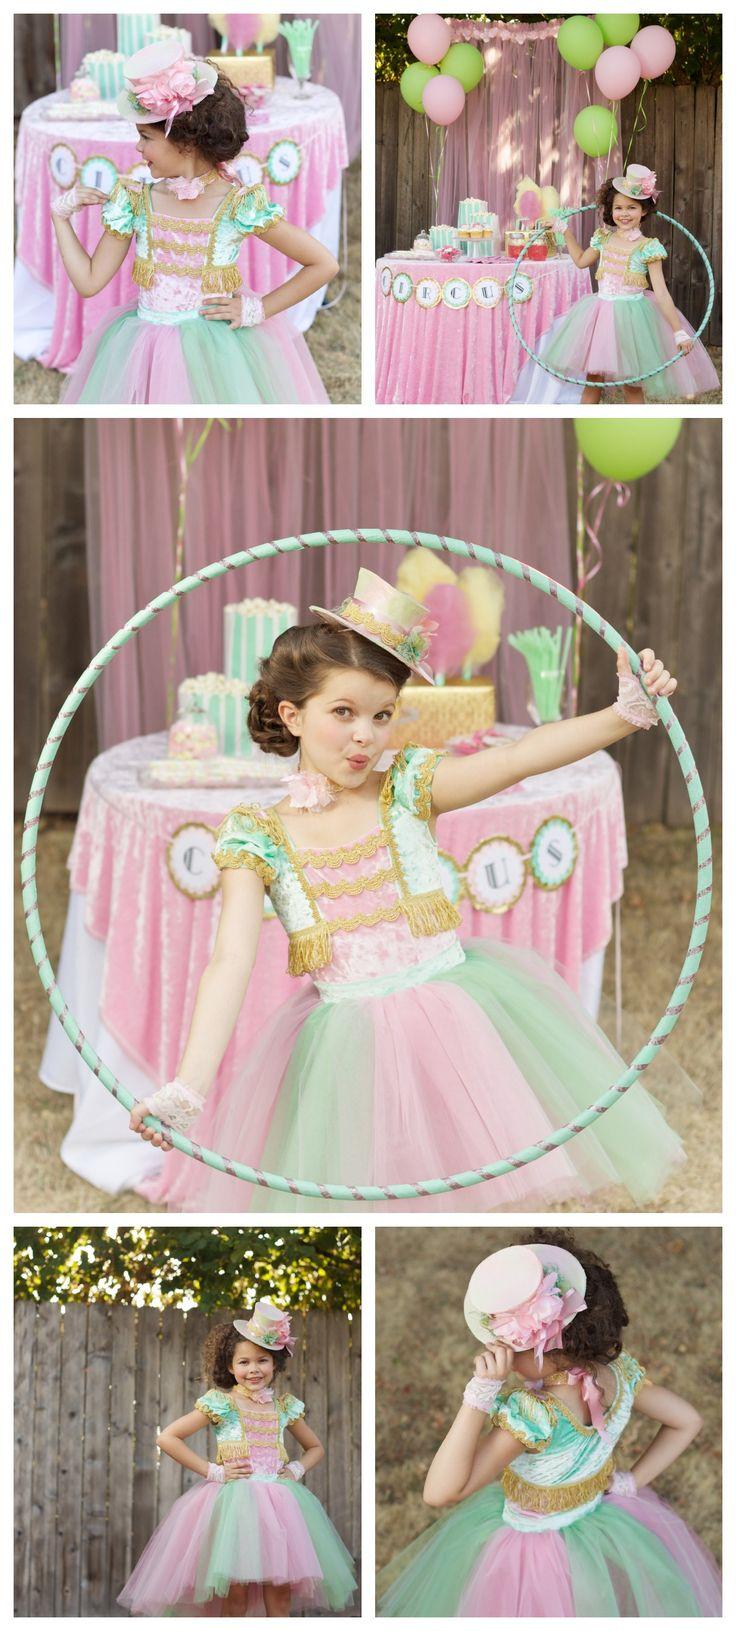 Circus Ring Mistress Halloween Costume Set by Ella Dynae, $190.00 http://www.etsy.com/shop/EllaDynae